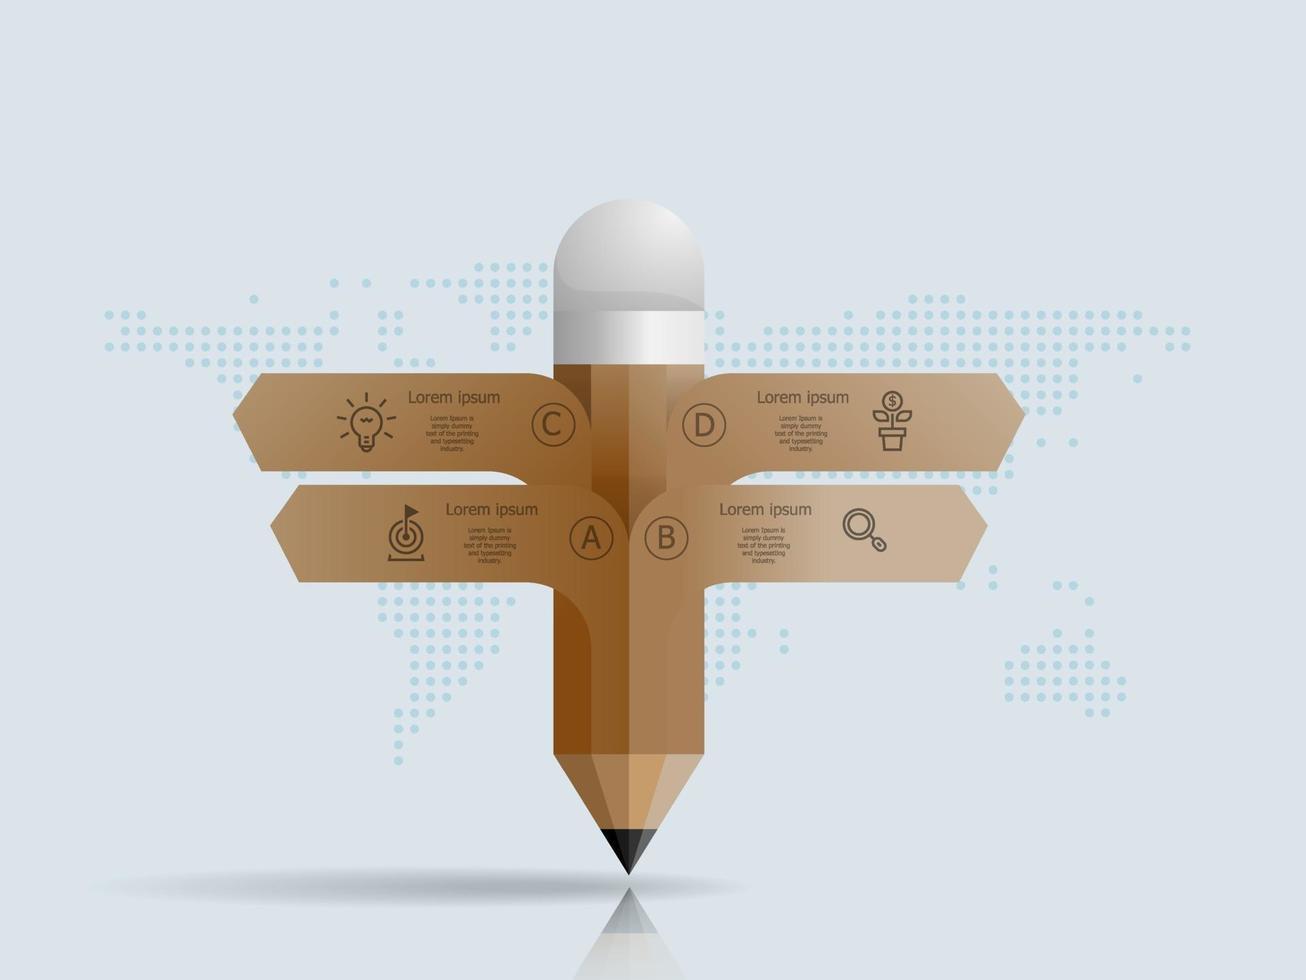 Resumo lápis infográficos 4 etapas com mapa mundial para negócios e apresentação vetor